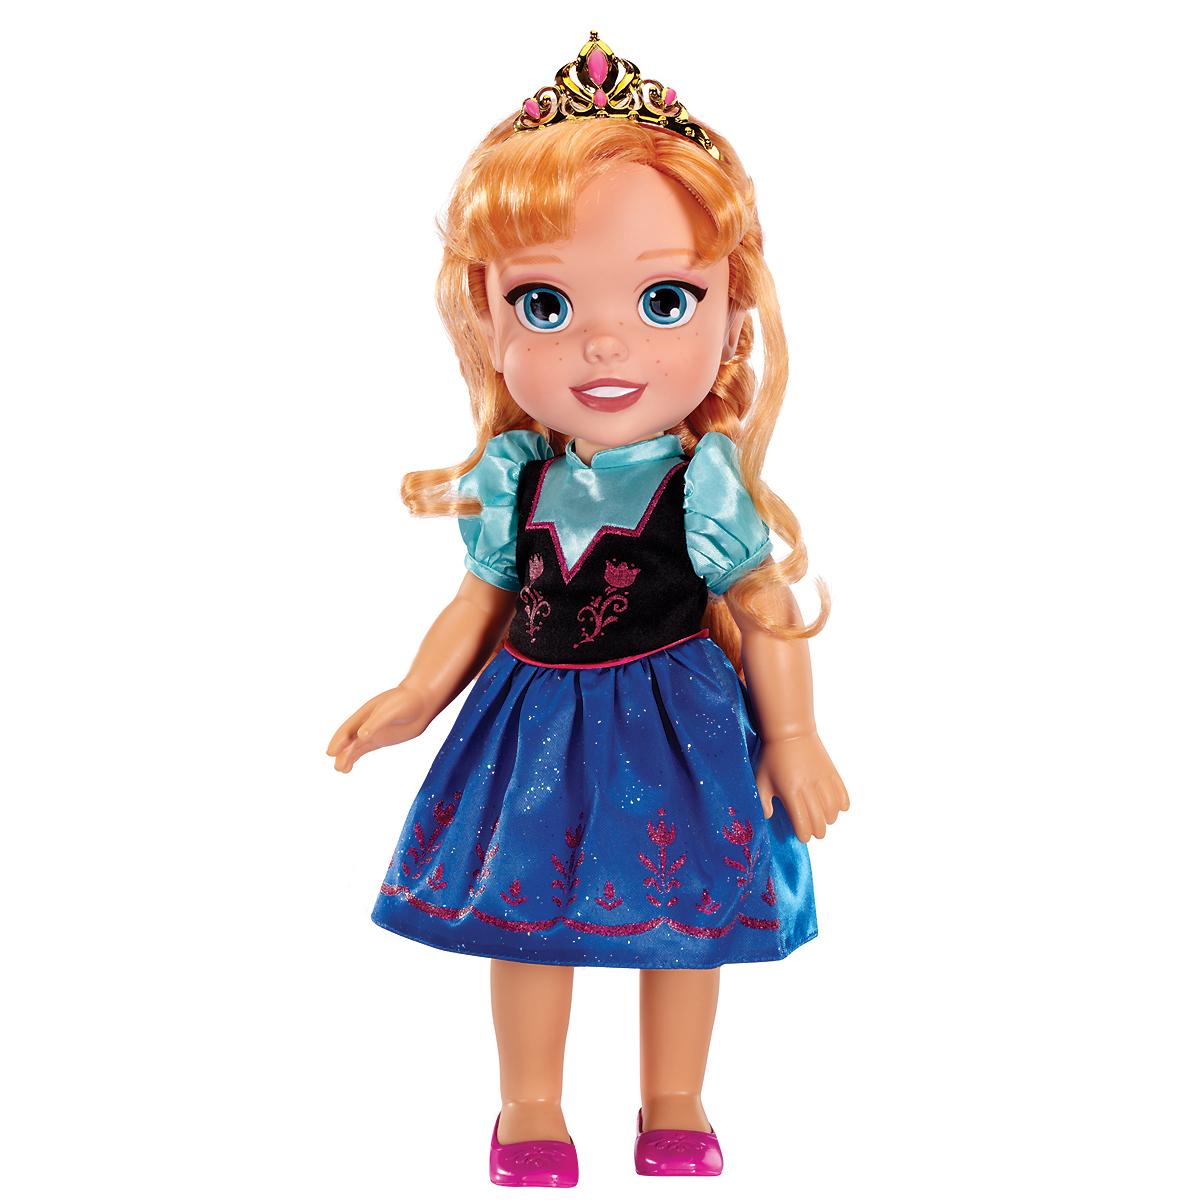 Disney Princess Кукла Малышка Анна310330_АннаОчаровательная кукла Disney Princess Малышка Анна порадует любую девочку и обязательно станет ее любимой игрушкой. Игрушка выполнена из пластика и изображает принцессу Анну из мультфильма Холодное сердце в детстве. На кукле надет ее узнаваемый наряд - удобное платье с синей юбкой и украшенным вышивкой верхом. Ее волосы заплетены в две задорные косички, а голову украшает блестящая диадема. Голова, руки и ноги куклы подвижны. Игры с куклой способствуют эмоциональному развитию ребенка, а также помогают формировать воображение и художественный вкус. Малышка проведет множество счастливых часов, играя с очаровательной принцессой Анной. Великолепное качество исполнения делают эту игрушку чудесным подарком к любому празднику.